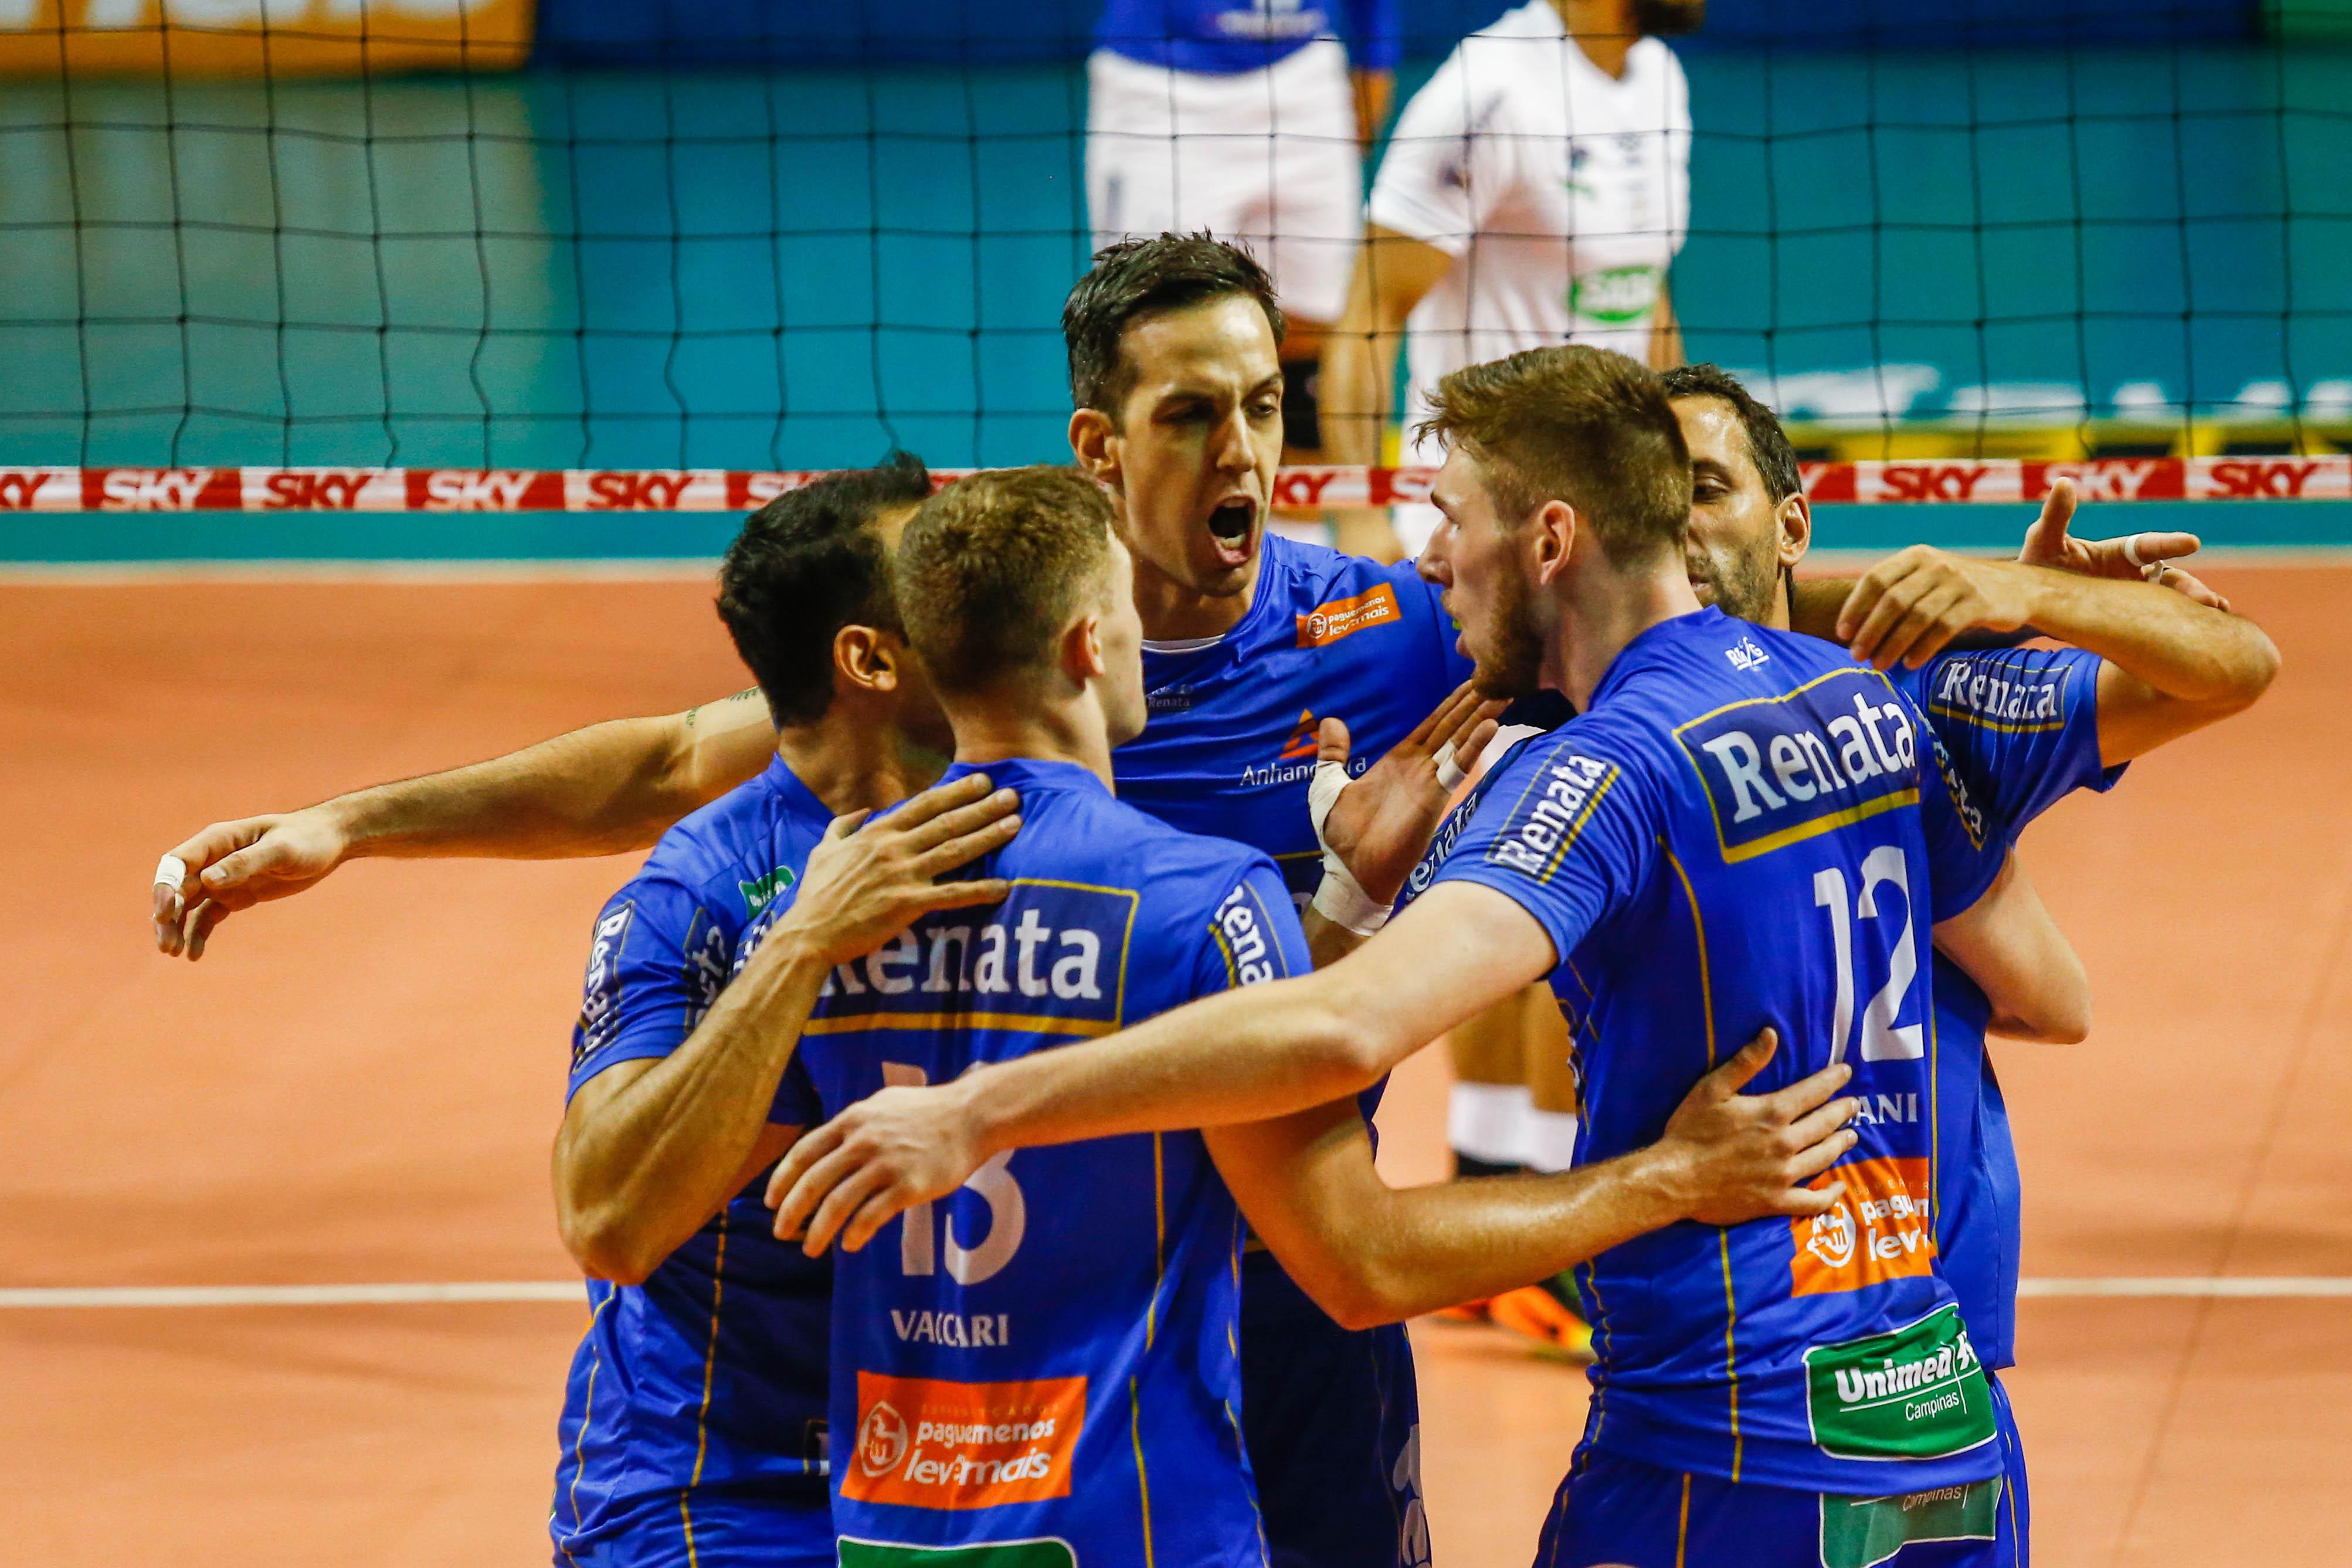 CBV - Vôlei Renata vence o Sada Cruzeiro na partida de abertura 9c3978220e99a